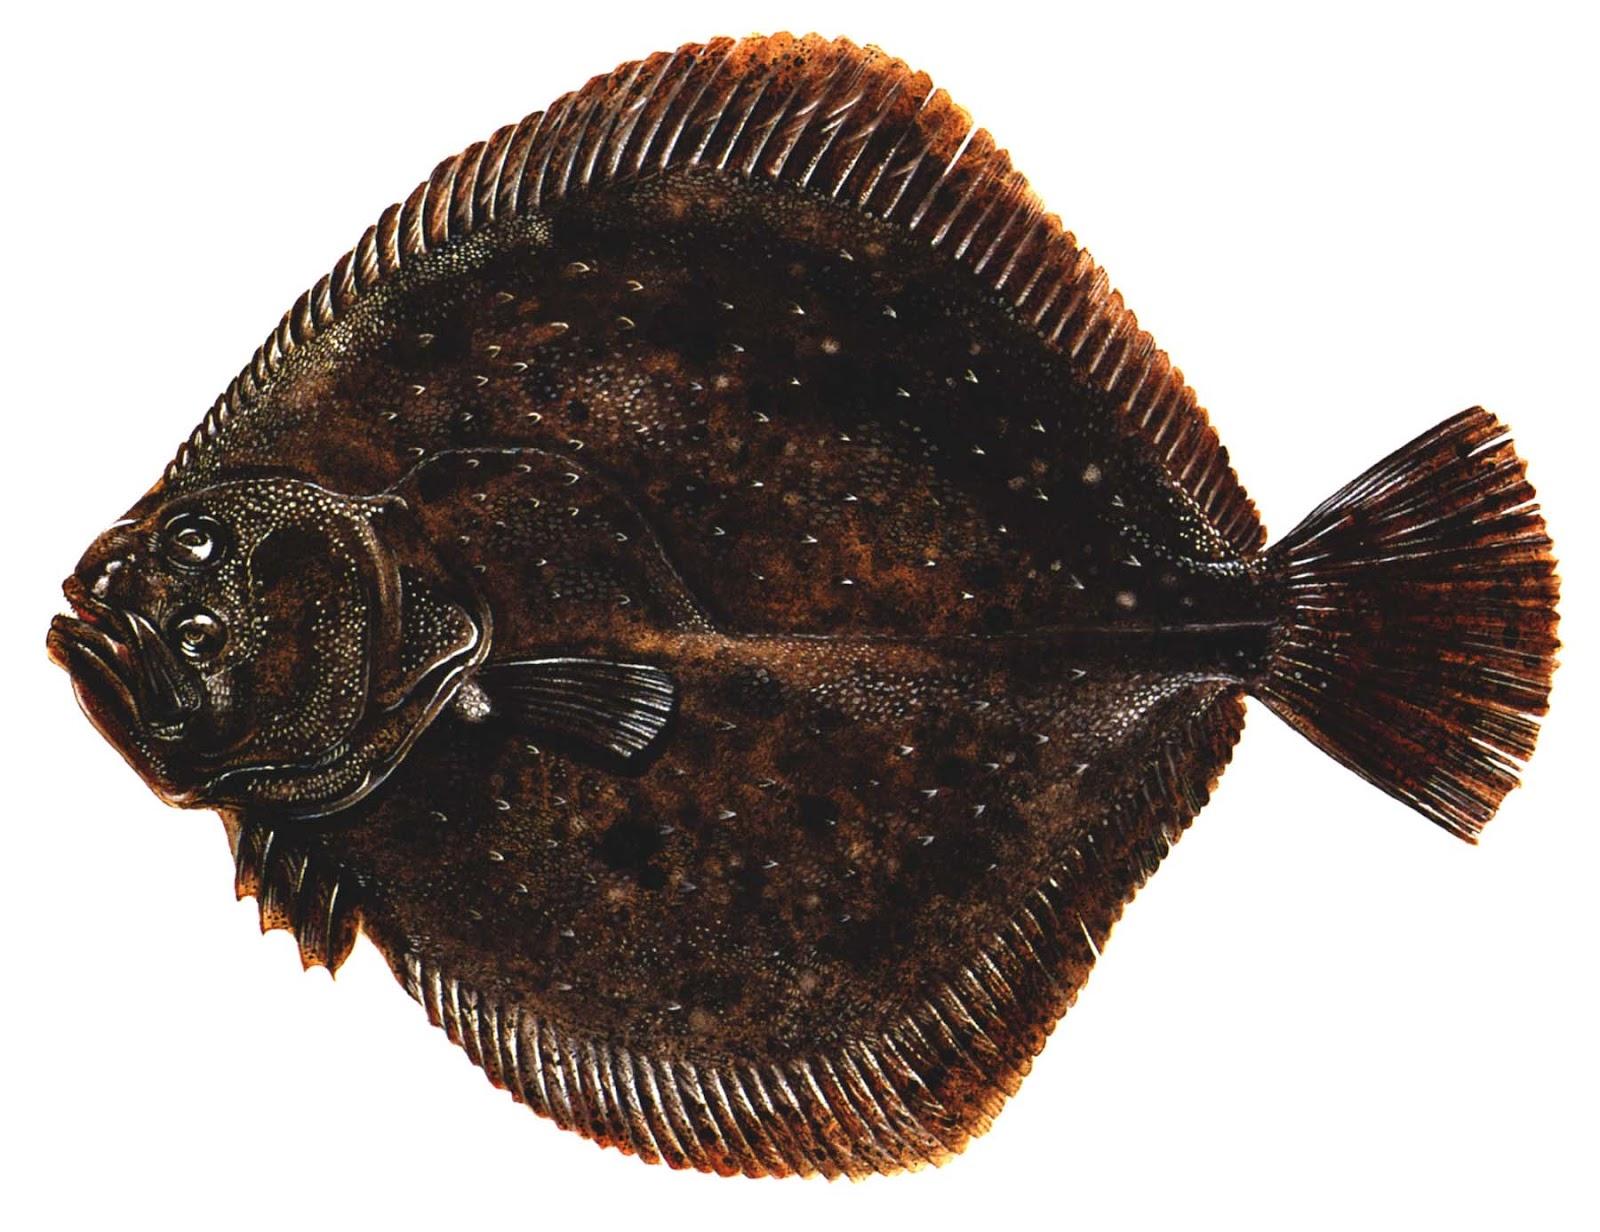 Роман федорцов фото рыб создаёт такую